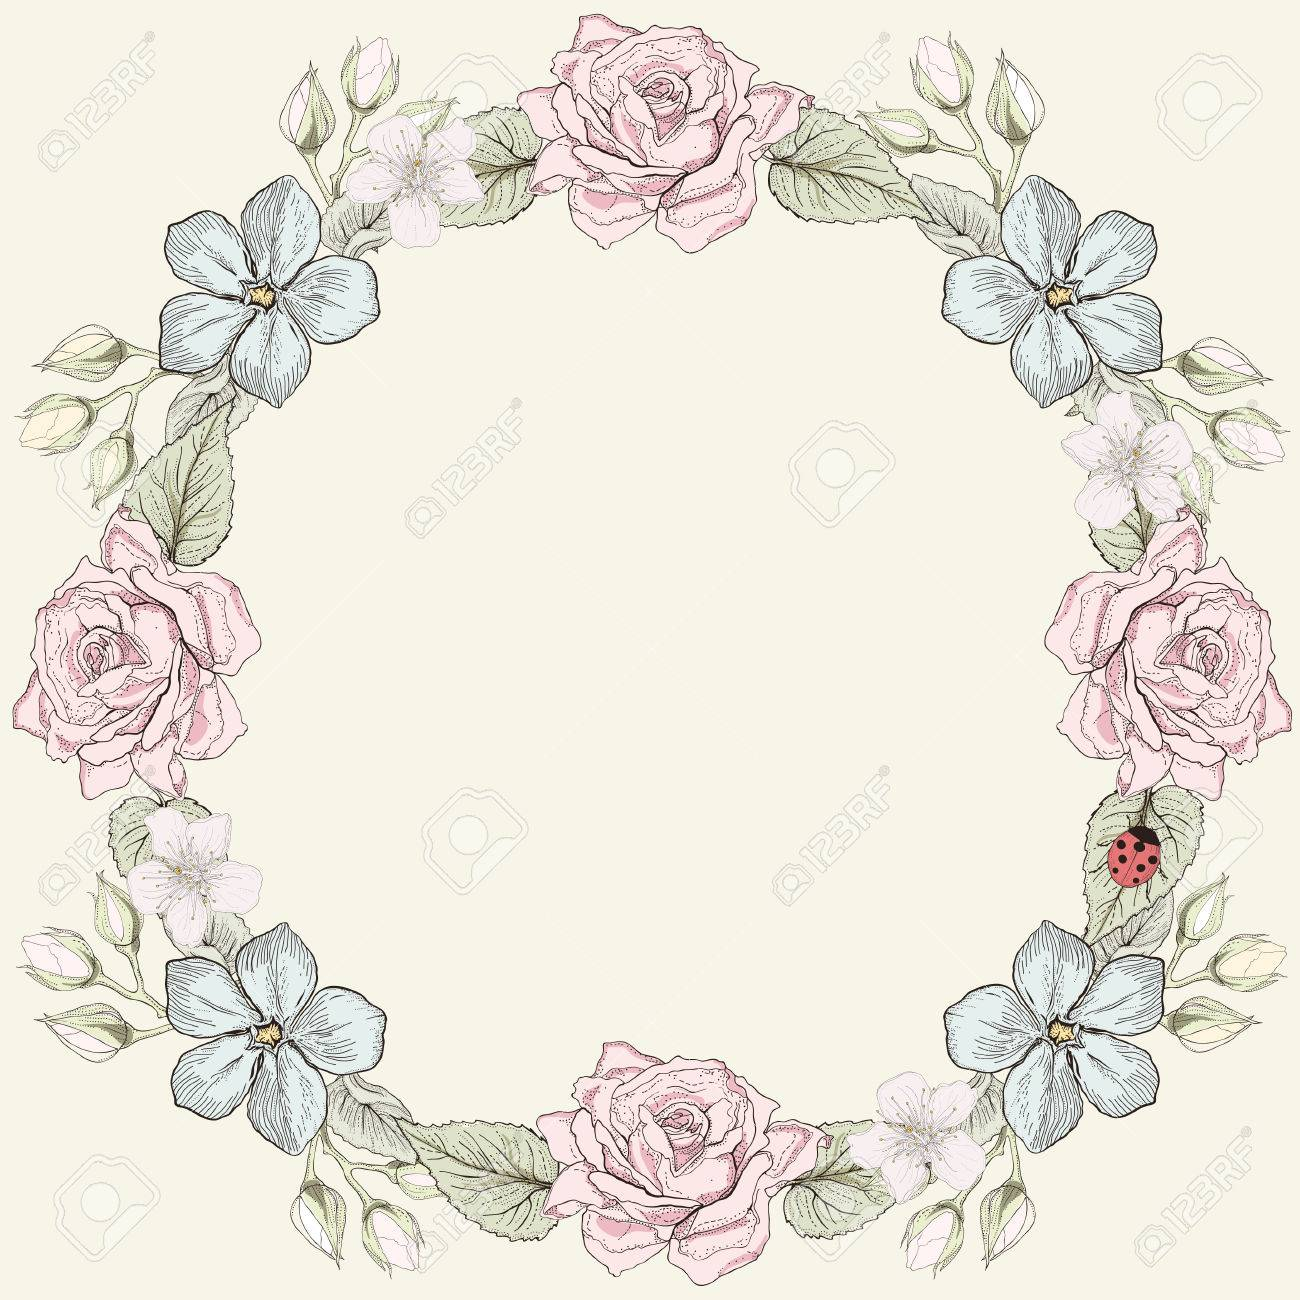 手描きの花フレーム カードカラフルなイラストビンテージ彫刻